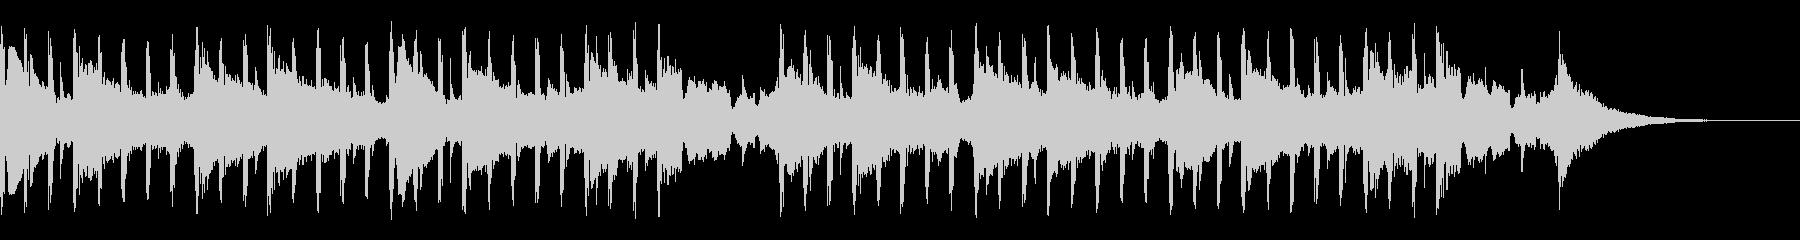 科学音楽(ショート)の未再生の波形